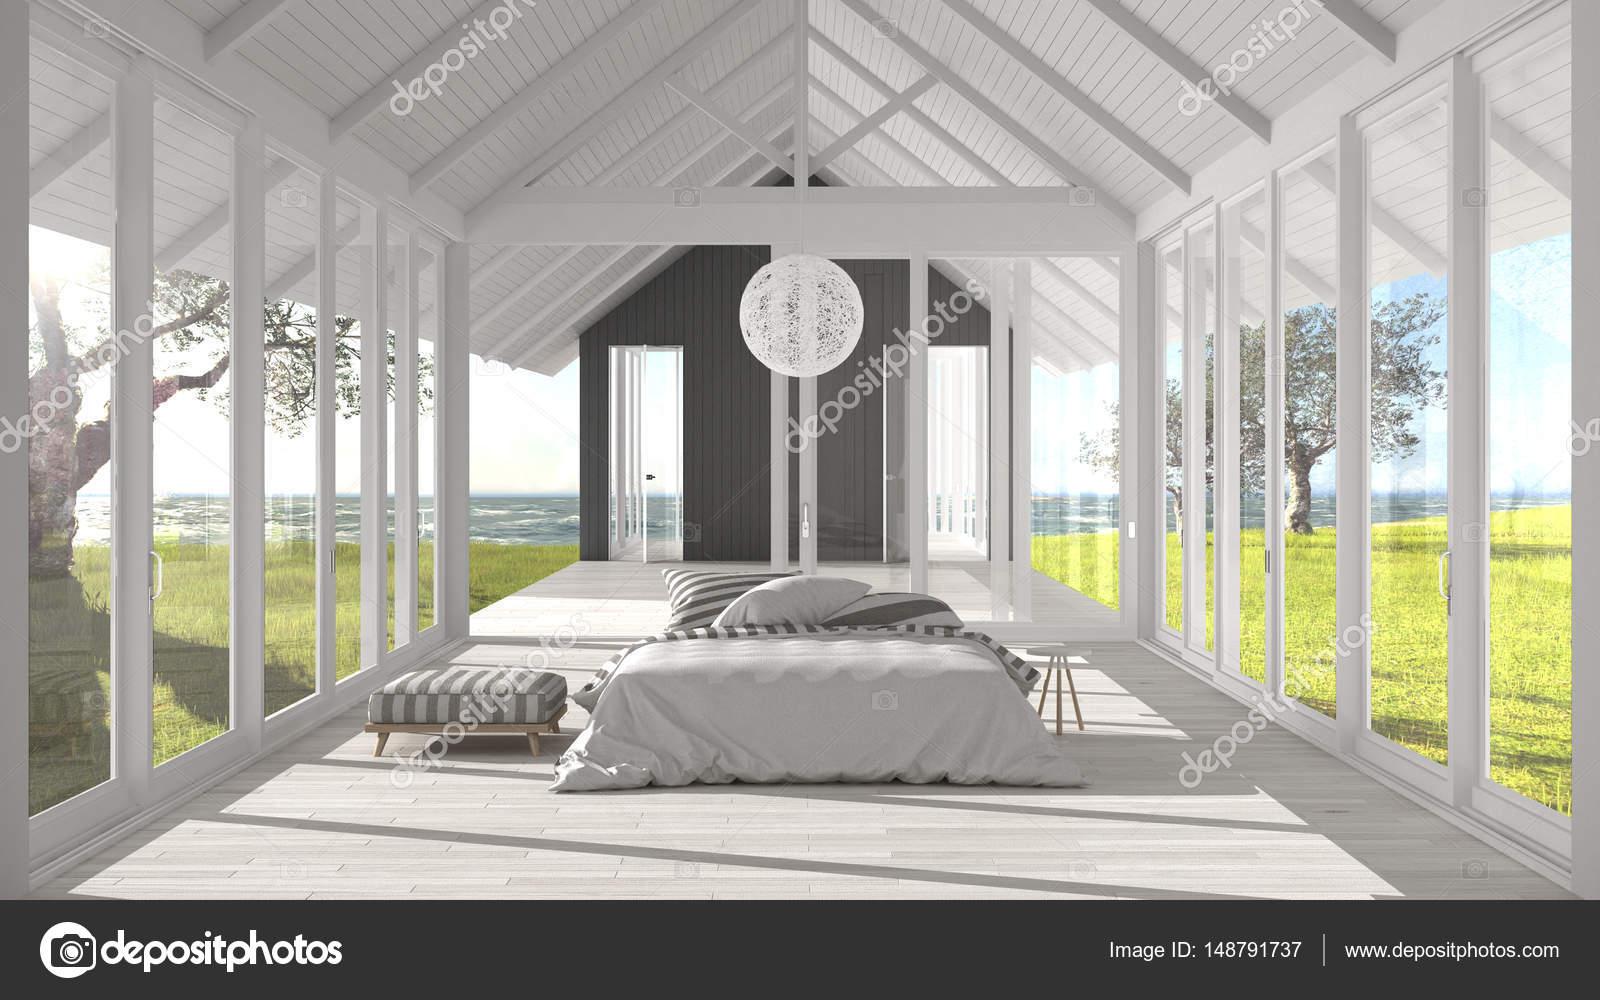 Minimalistische slaapkamer met grote ramen glas en terras o